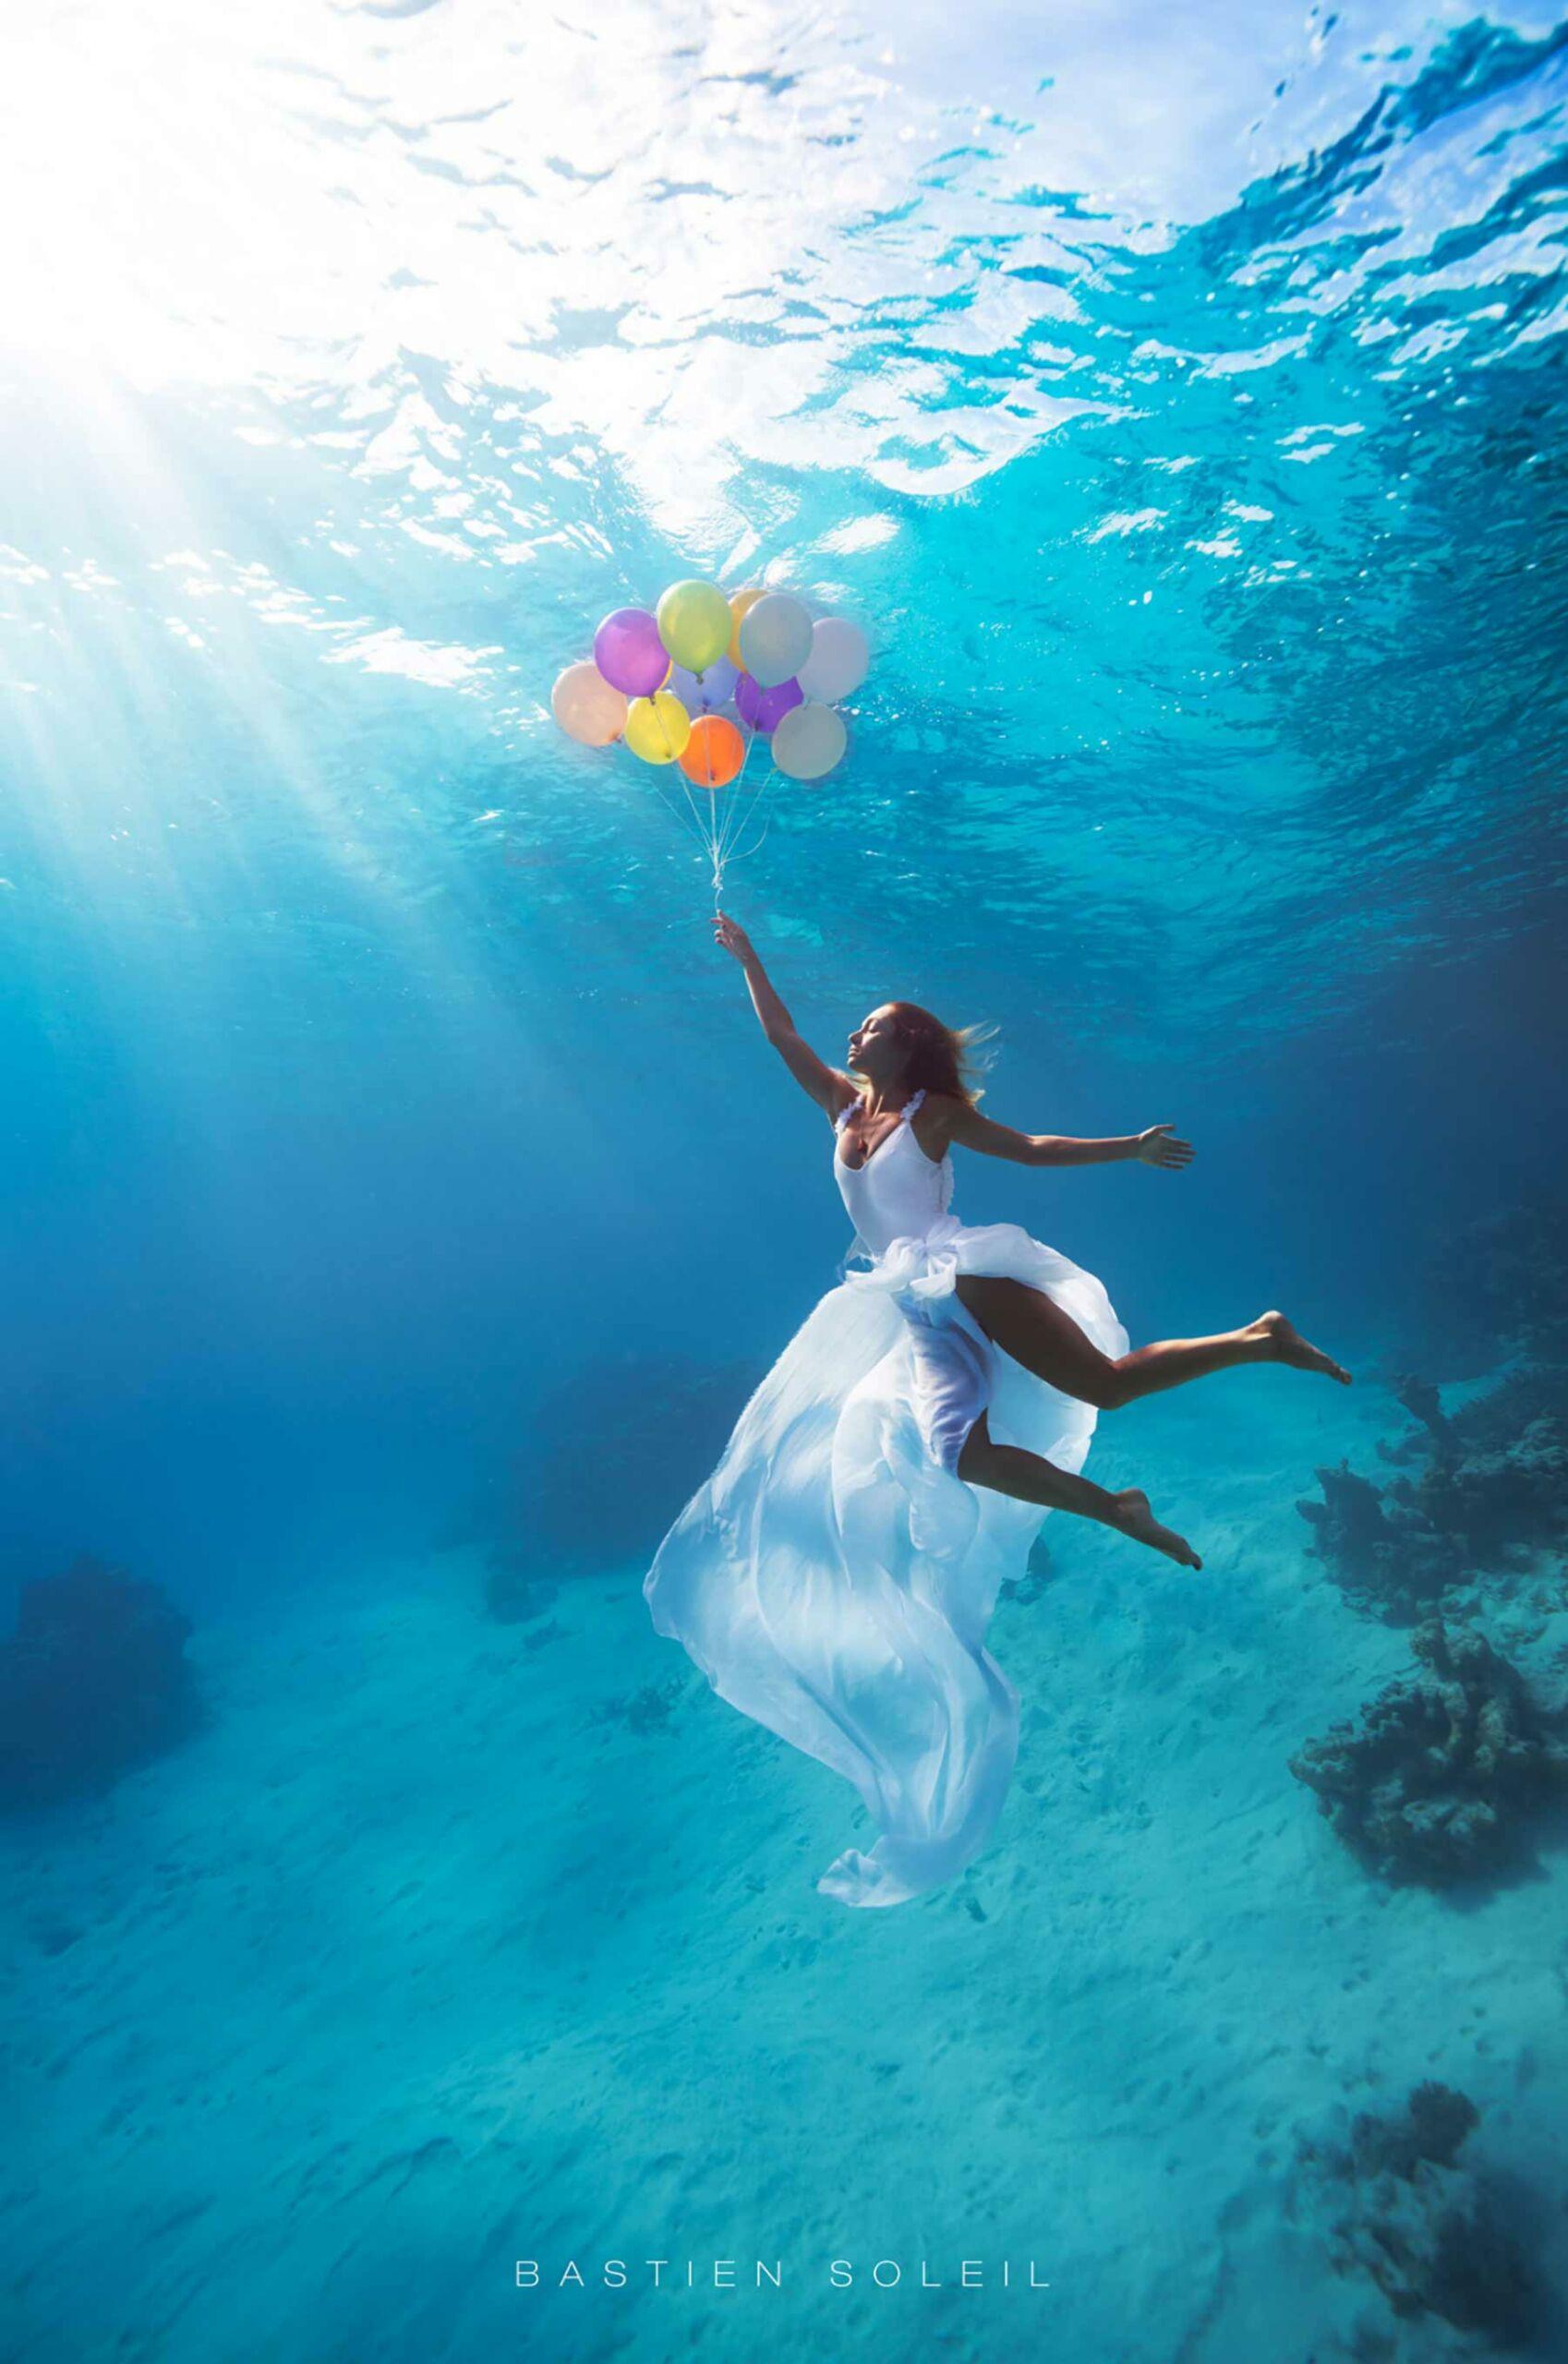 Fotografien von Bastien Soleil Bastien-Soleil-Unterwasserfotografie_06-scaled